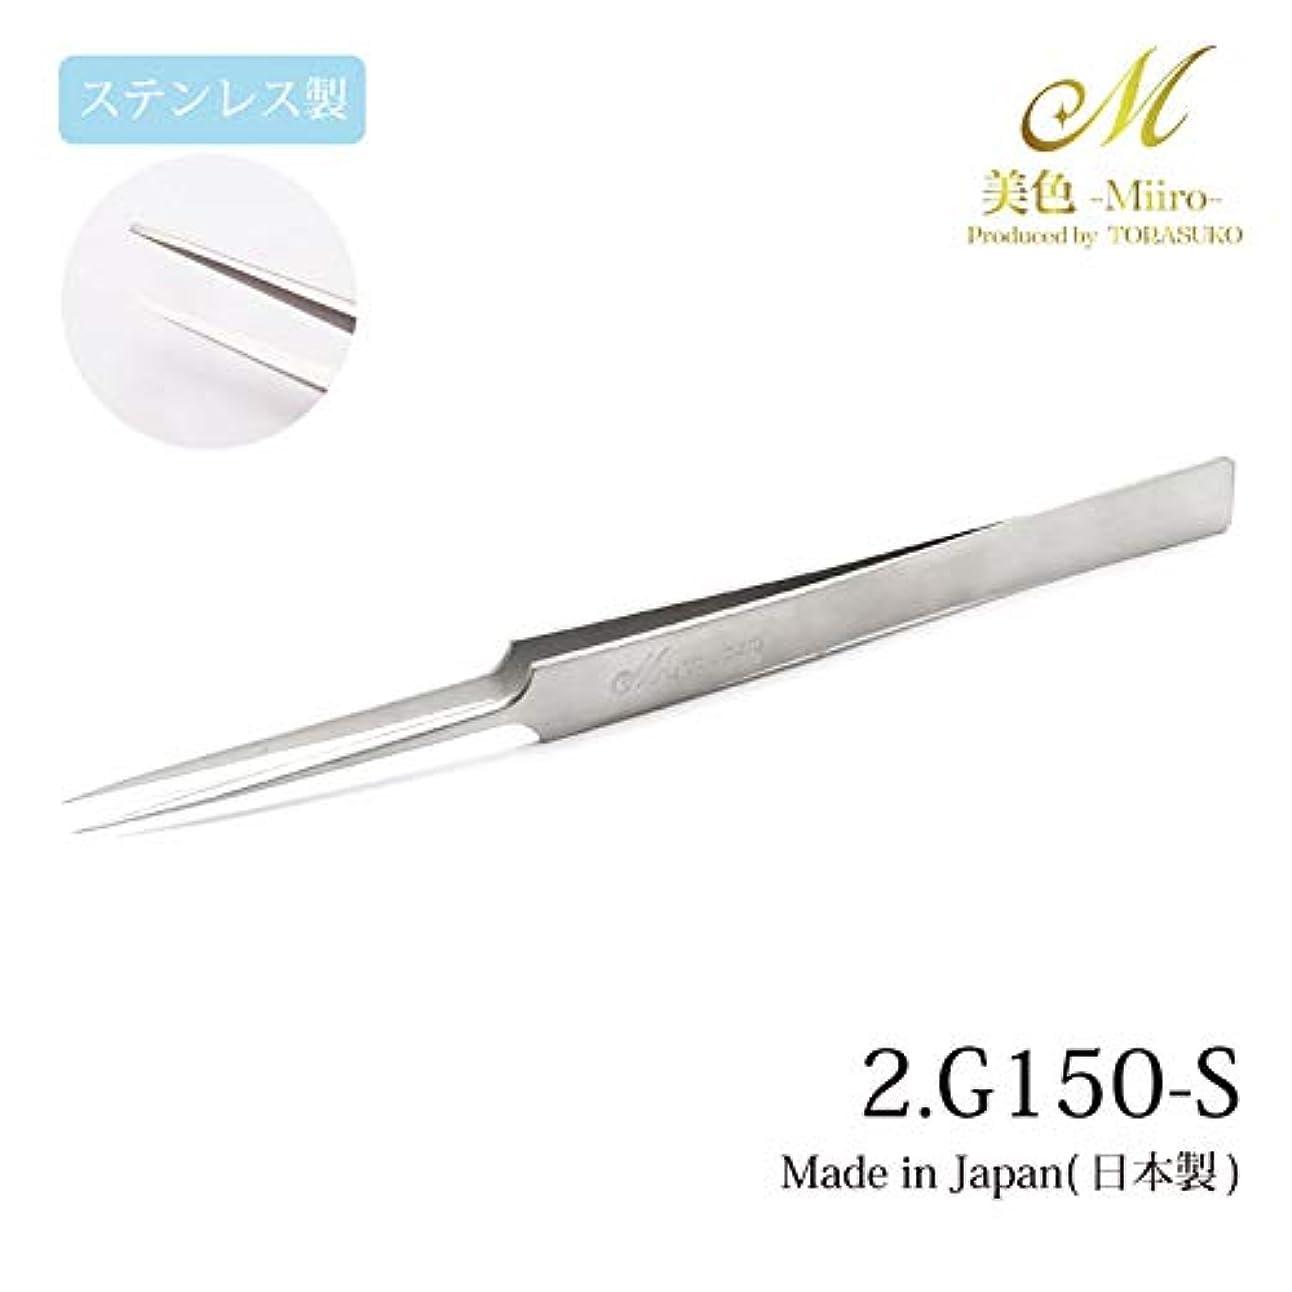 アカデミー浮くめったに日本製 ツイーザー 2.G150-S